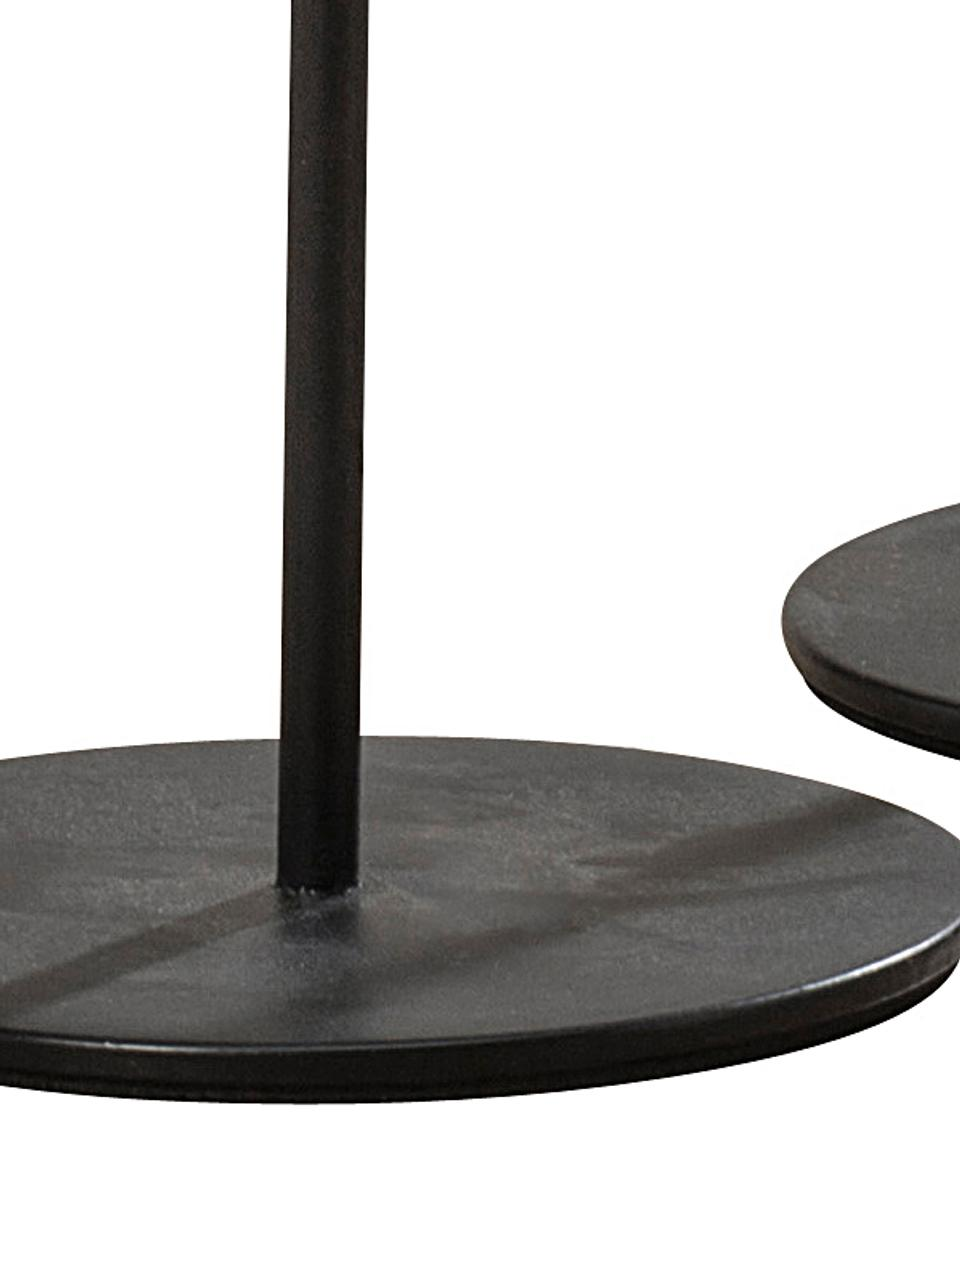 Kerzenhalter-Set Malte, 3-tlg., Metall, beschichtet, Schwarz, Sondergrößen